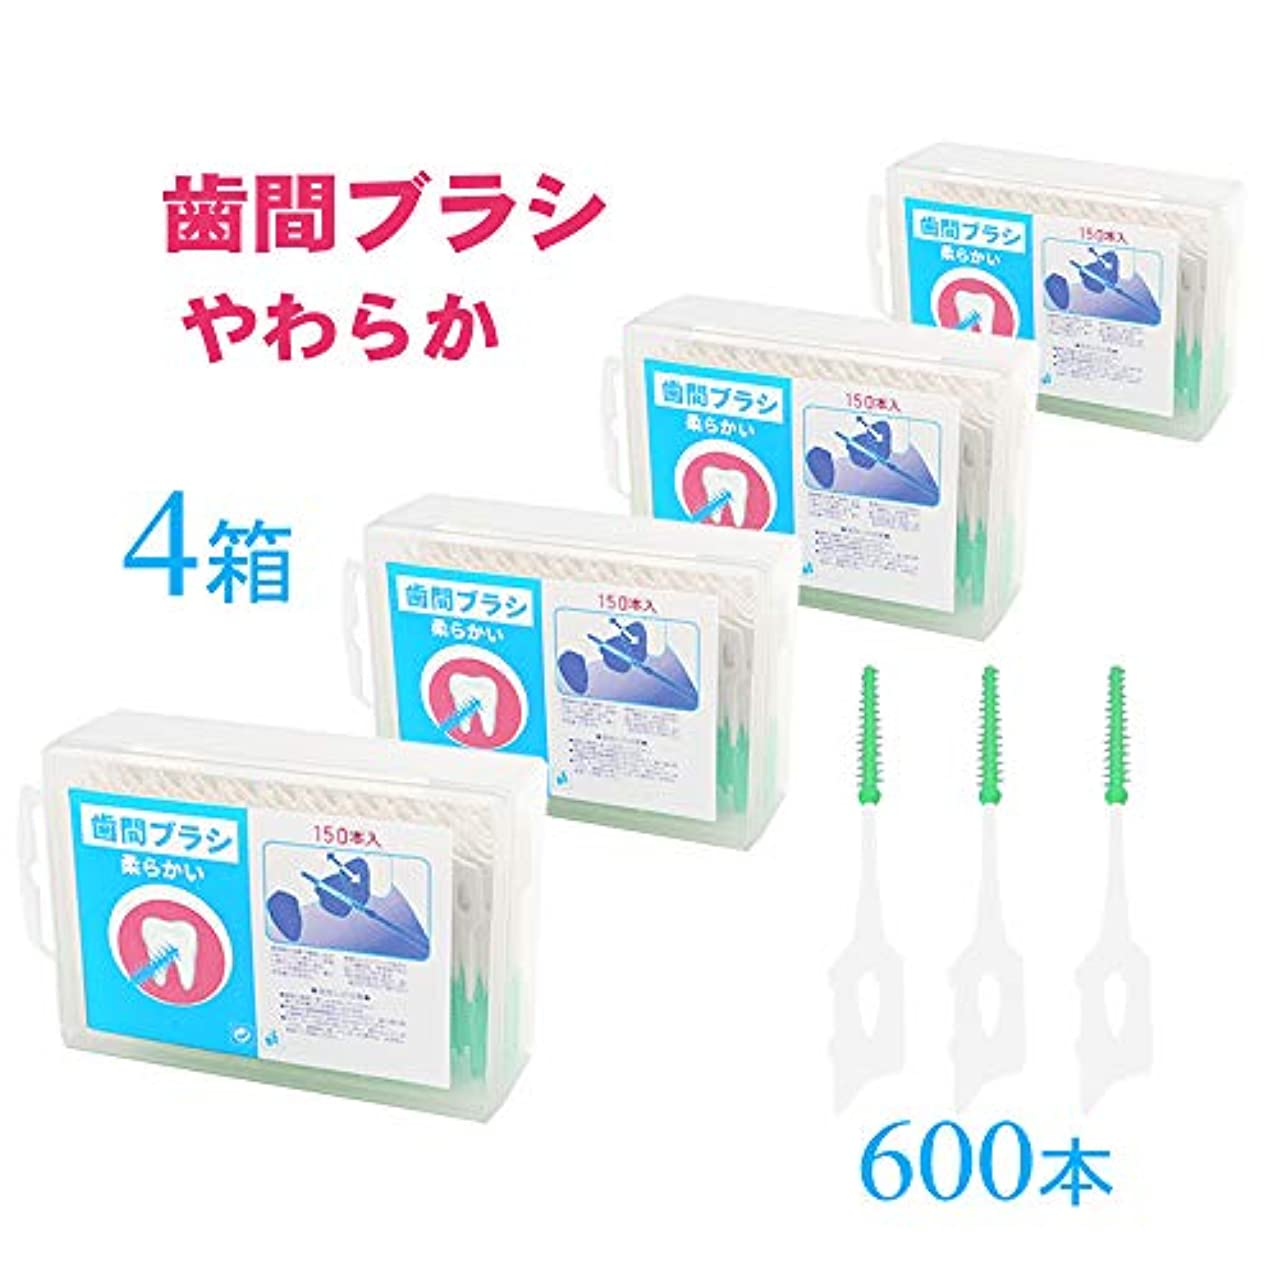 極細歯間ブラシ 600本入 歯間ブラシ I字型 やわらかなゴムタイプ 無香料 歯周プロケア 歯科 携帯 お徳用 4箱×150本入